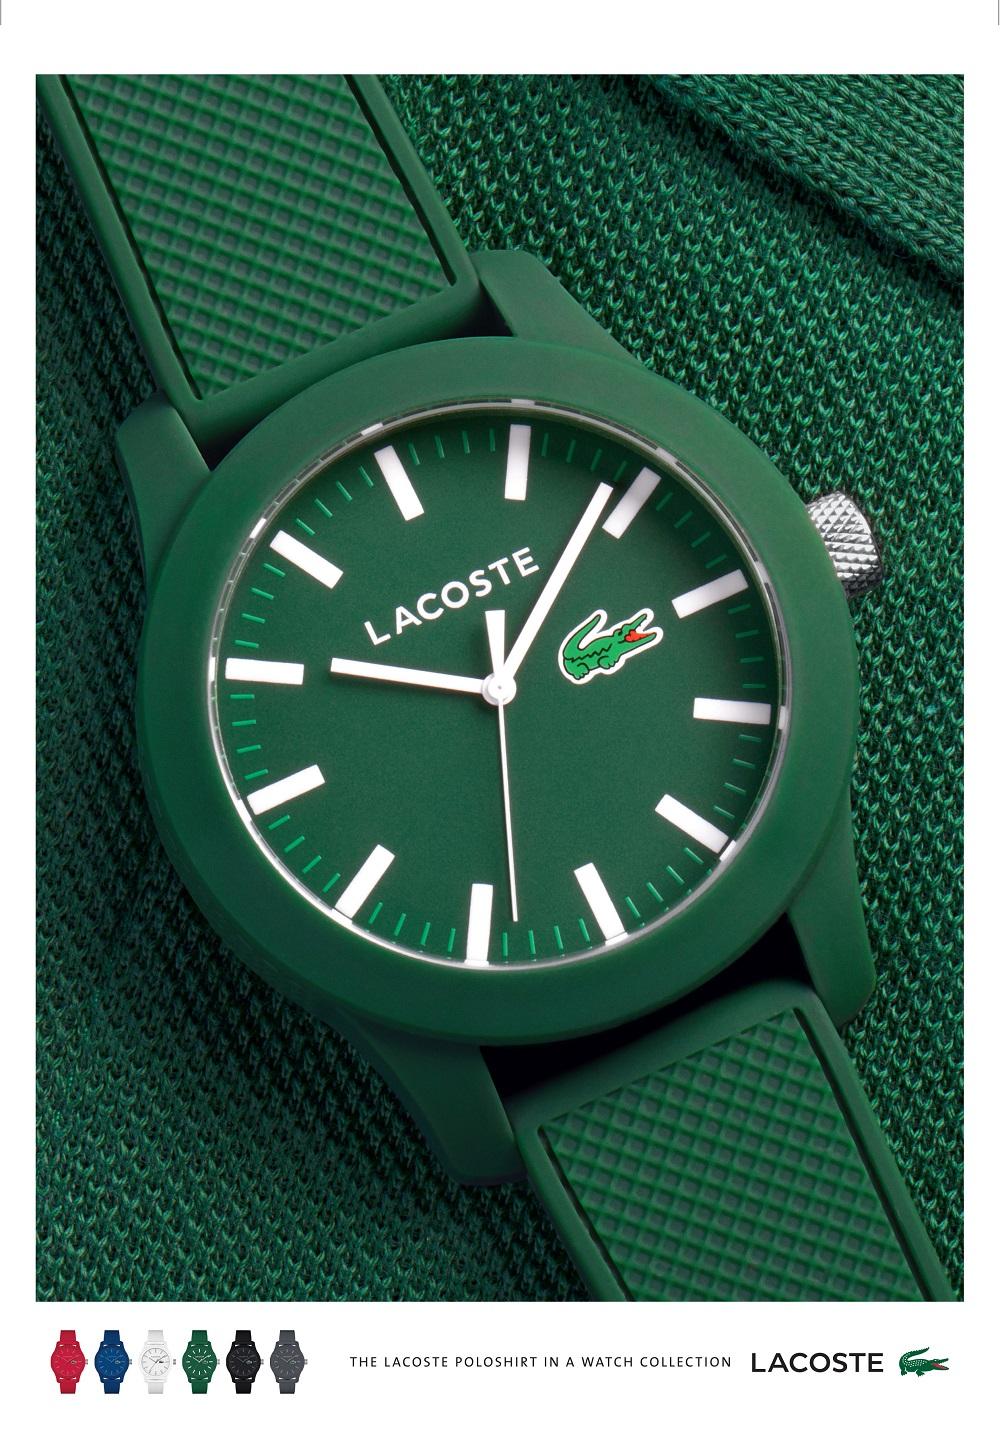 Koszulka polo jako inspiracja nowej kolekcji zegarków Lacoste!